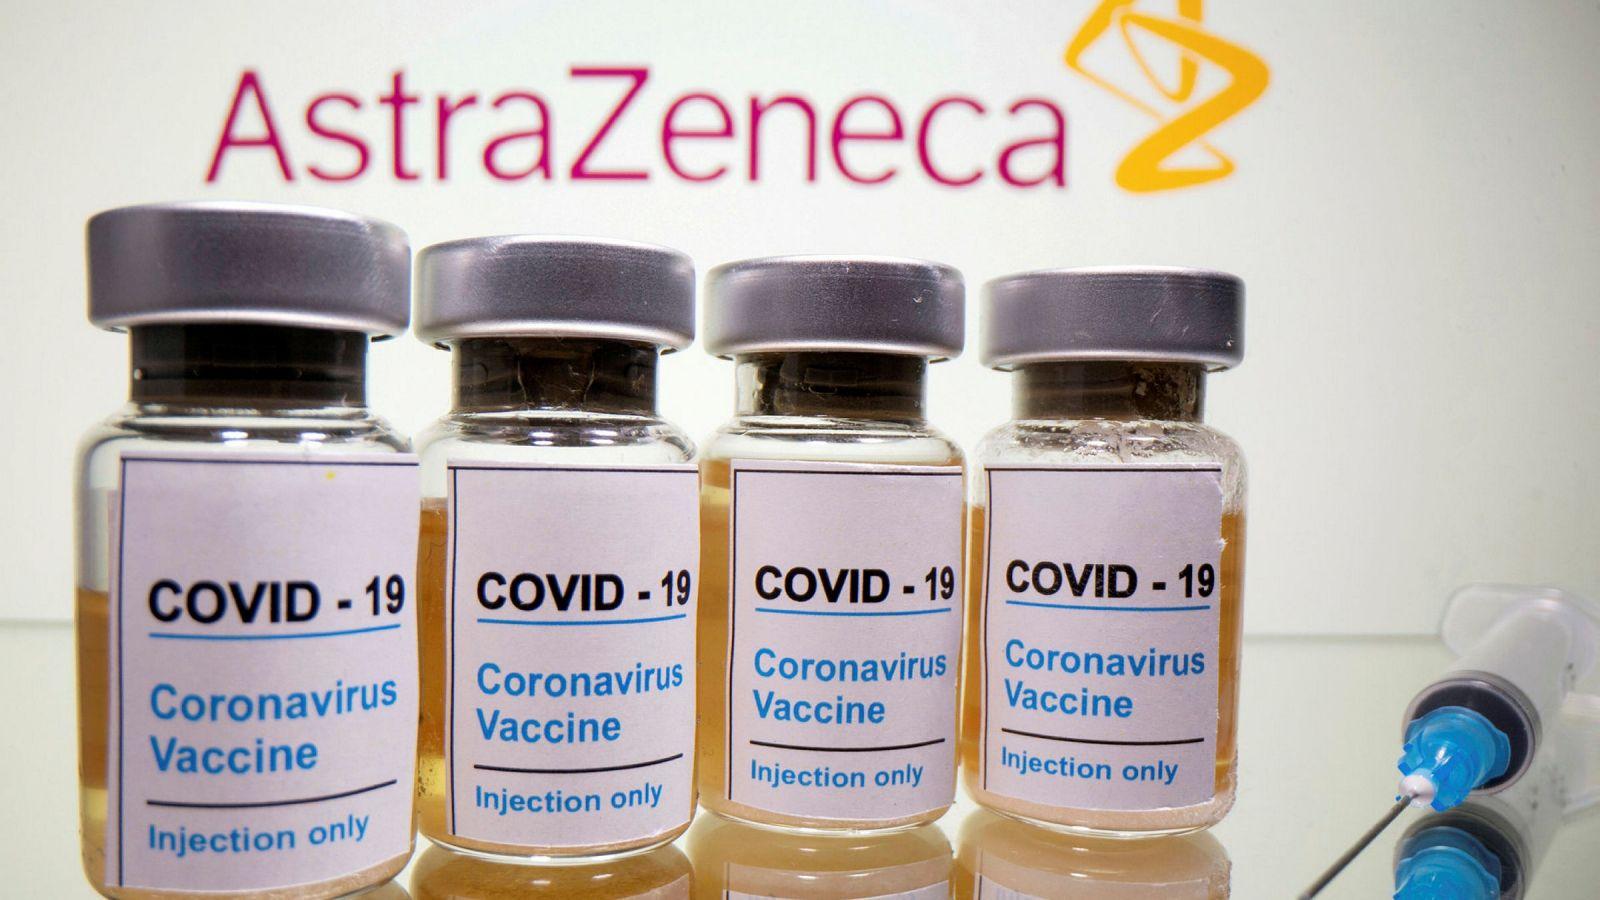 Bản thân AstraZeneca đã nhiều lần khẳng định sản phẩm của mình là an toàn.